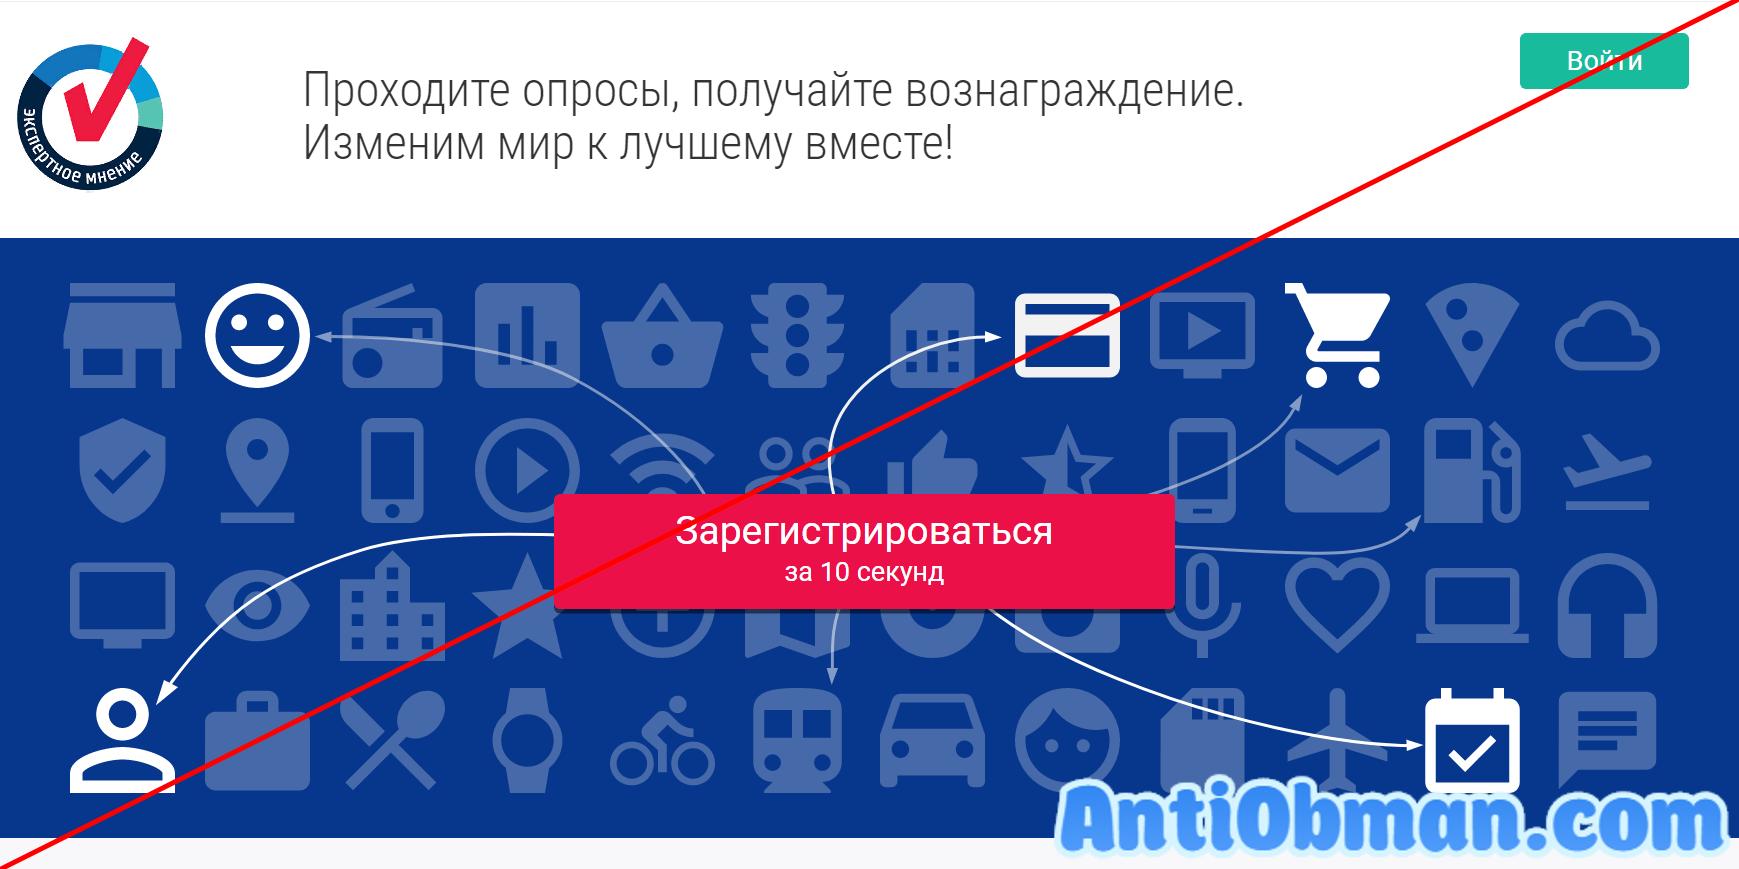 Опросник Экспертное мнение (expertnoemnenie.ru)